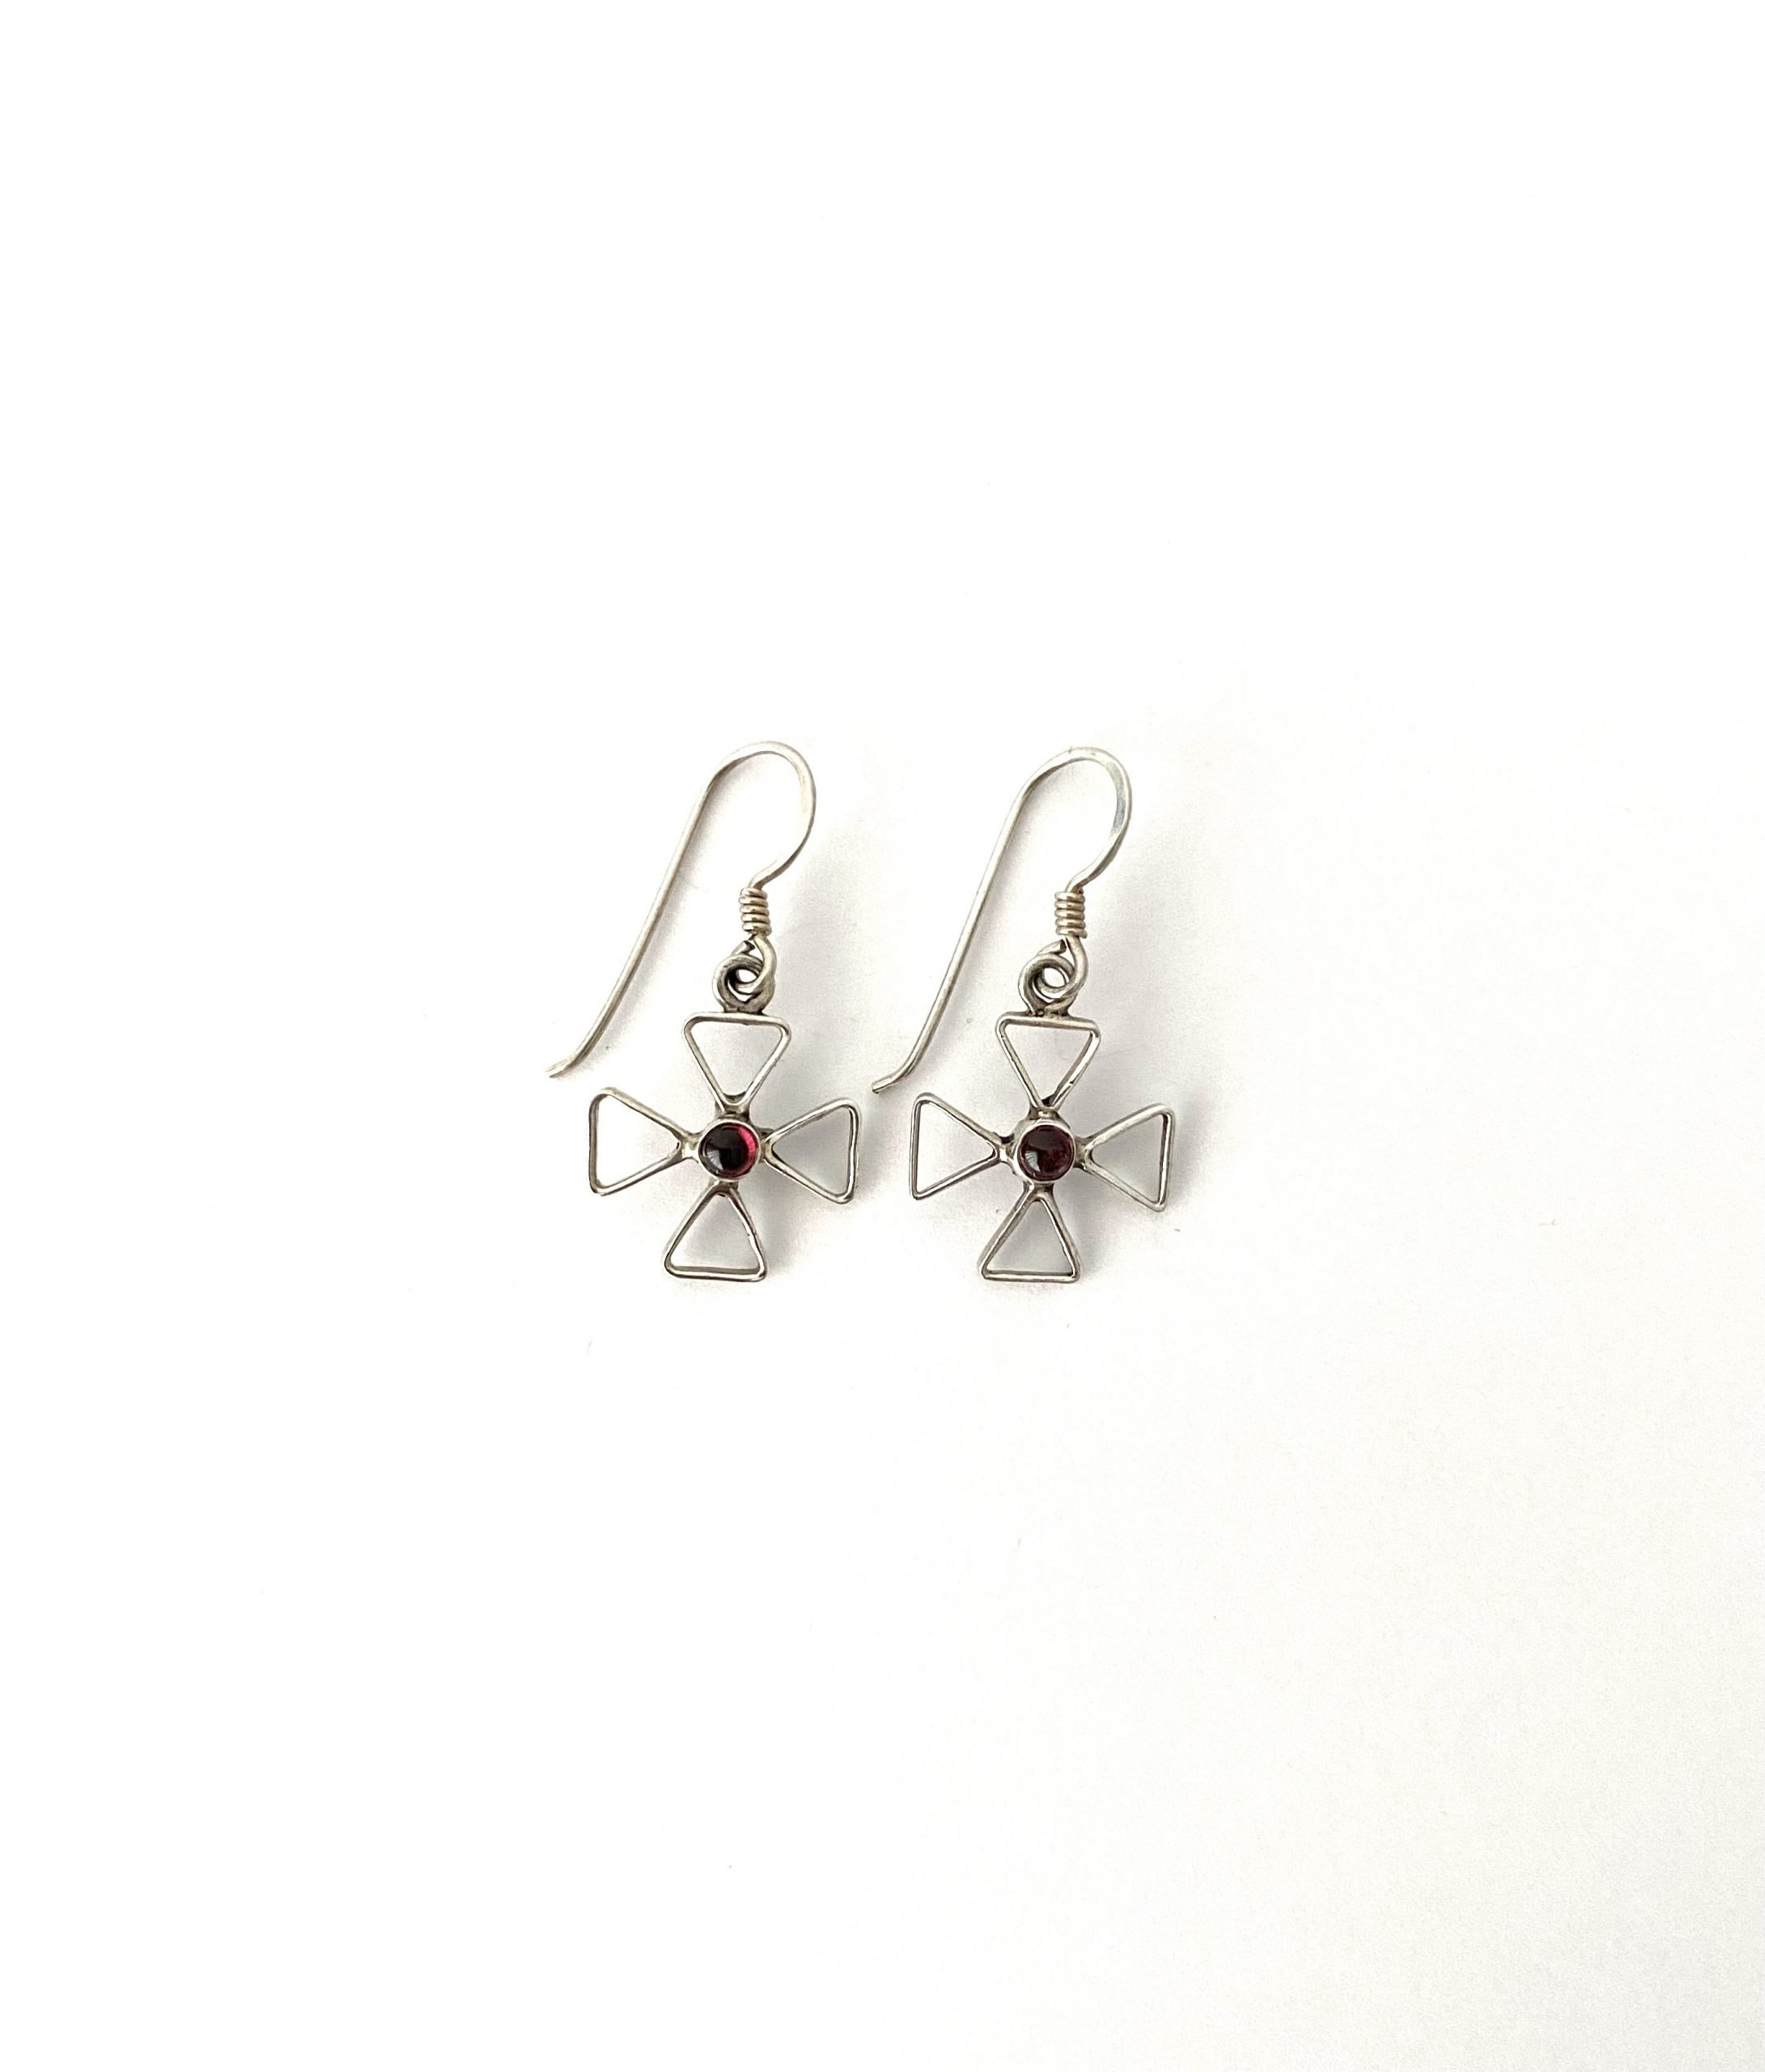 Zilveren oorbellen met granaat